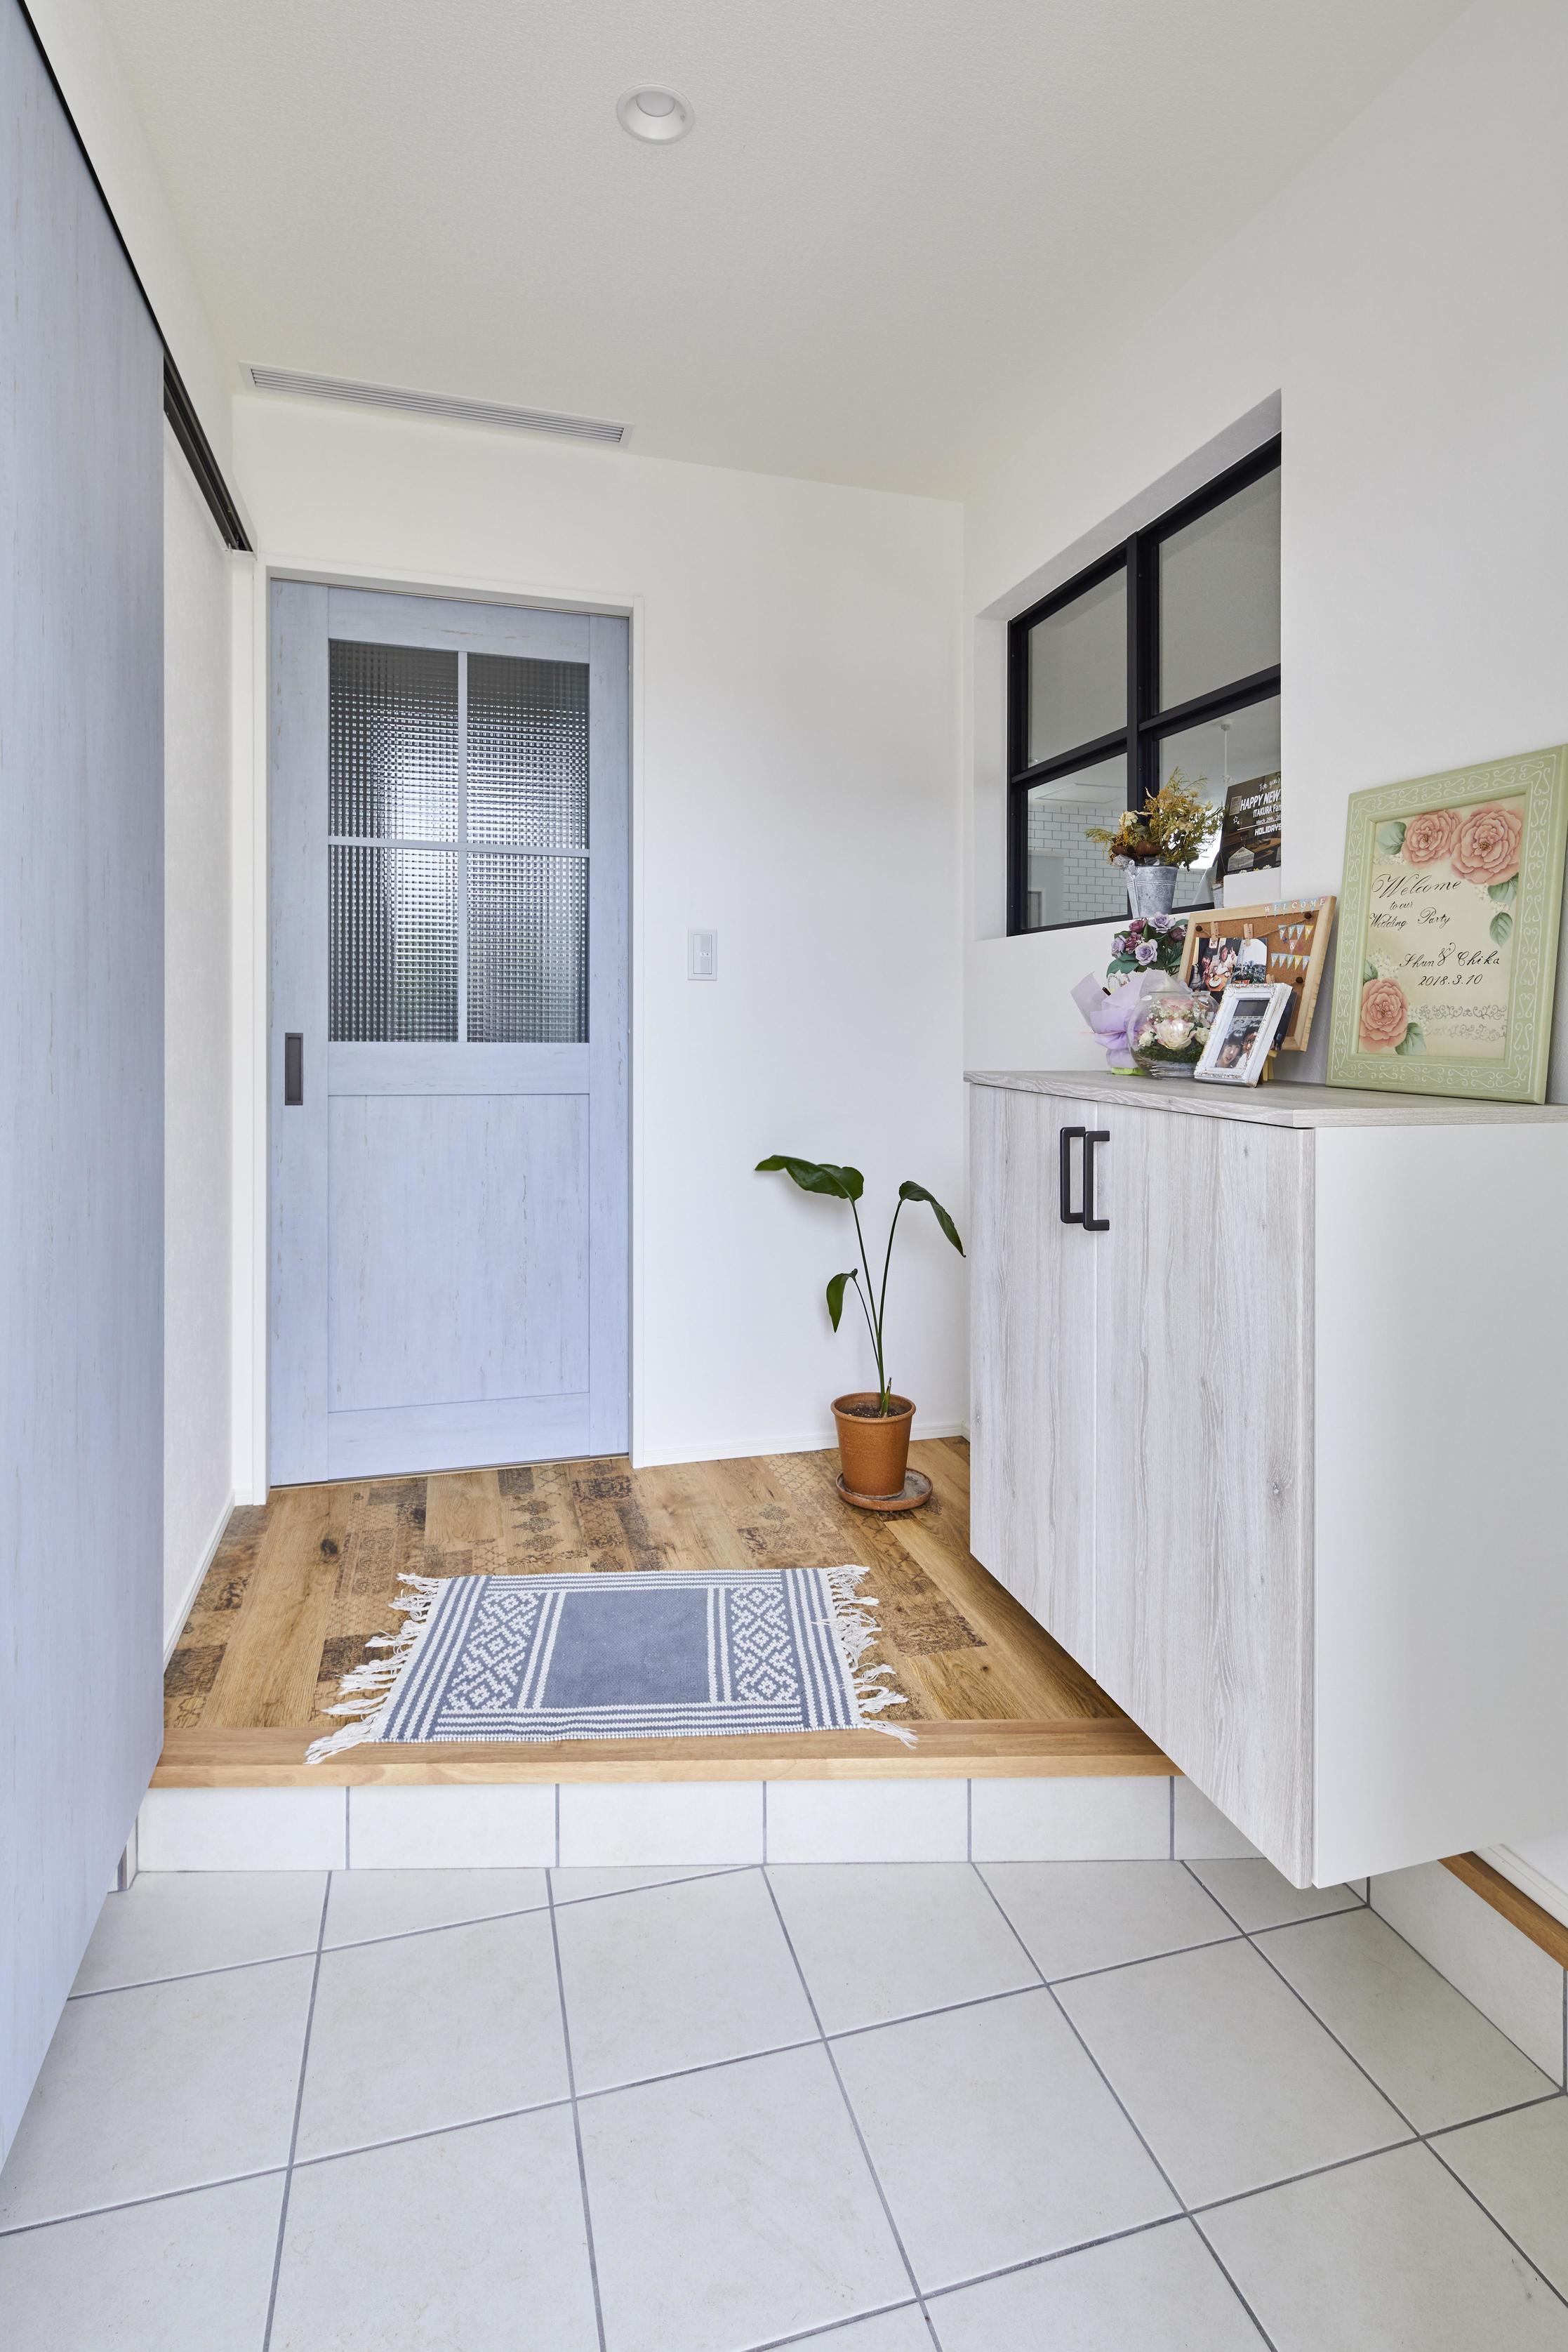 玄関にはシューズクロークがあり、 季節に合わせてしっかりと収納できる